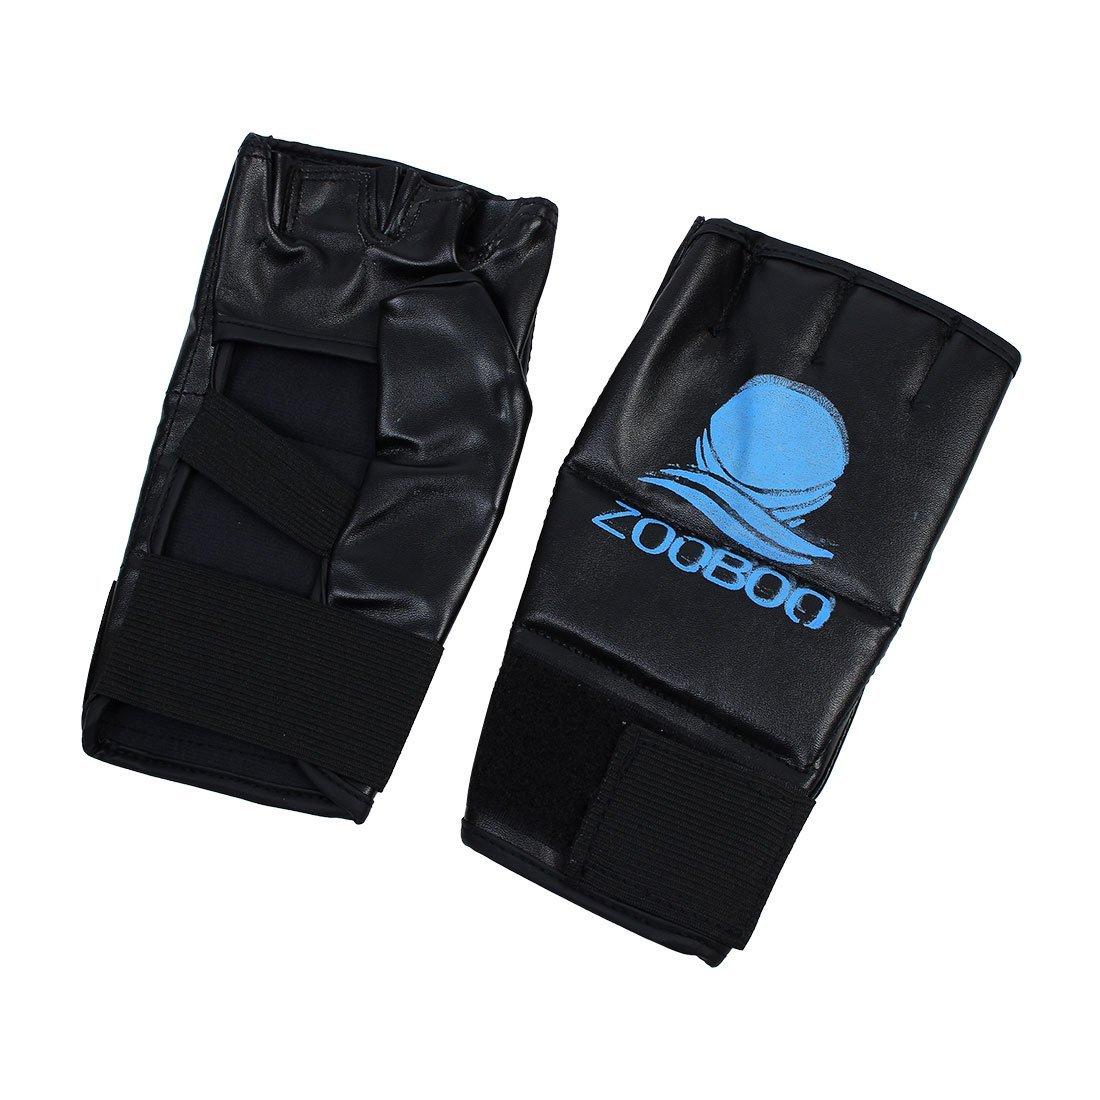 Amazon.com : eDealMax ZOOBOO autorizado de entrenamiento de boxeo Kickboxing ejercicio pesado del bolso de Formación de perforación vacío 80cm Altura Red w ...